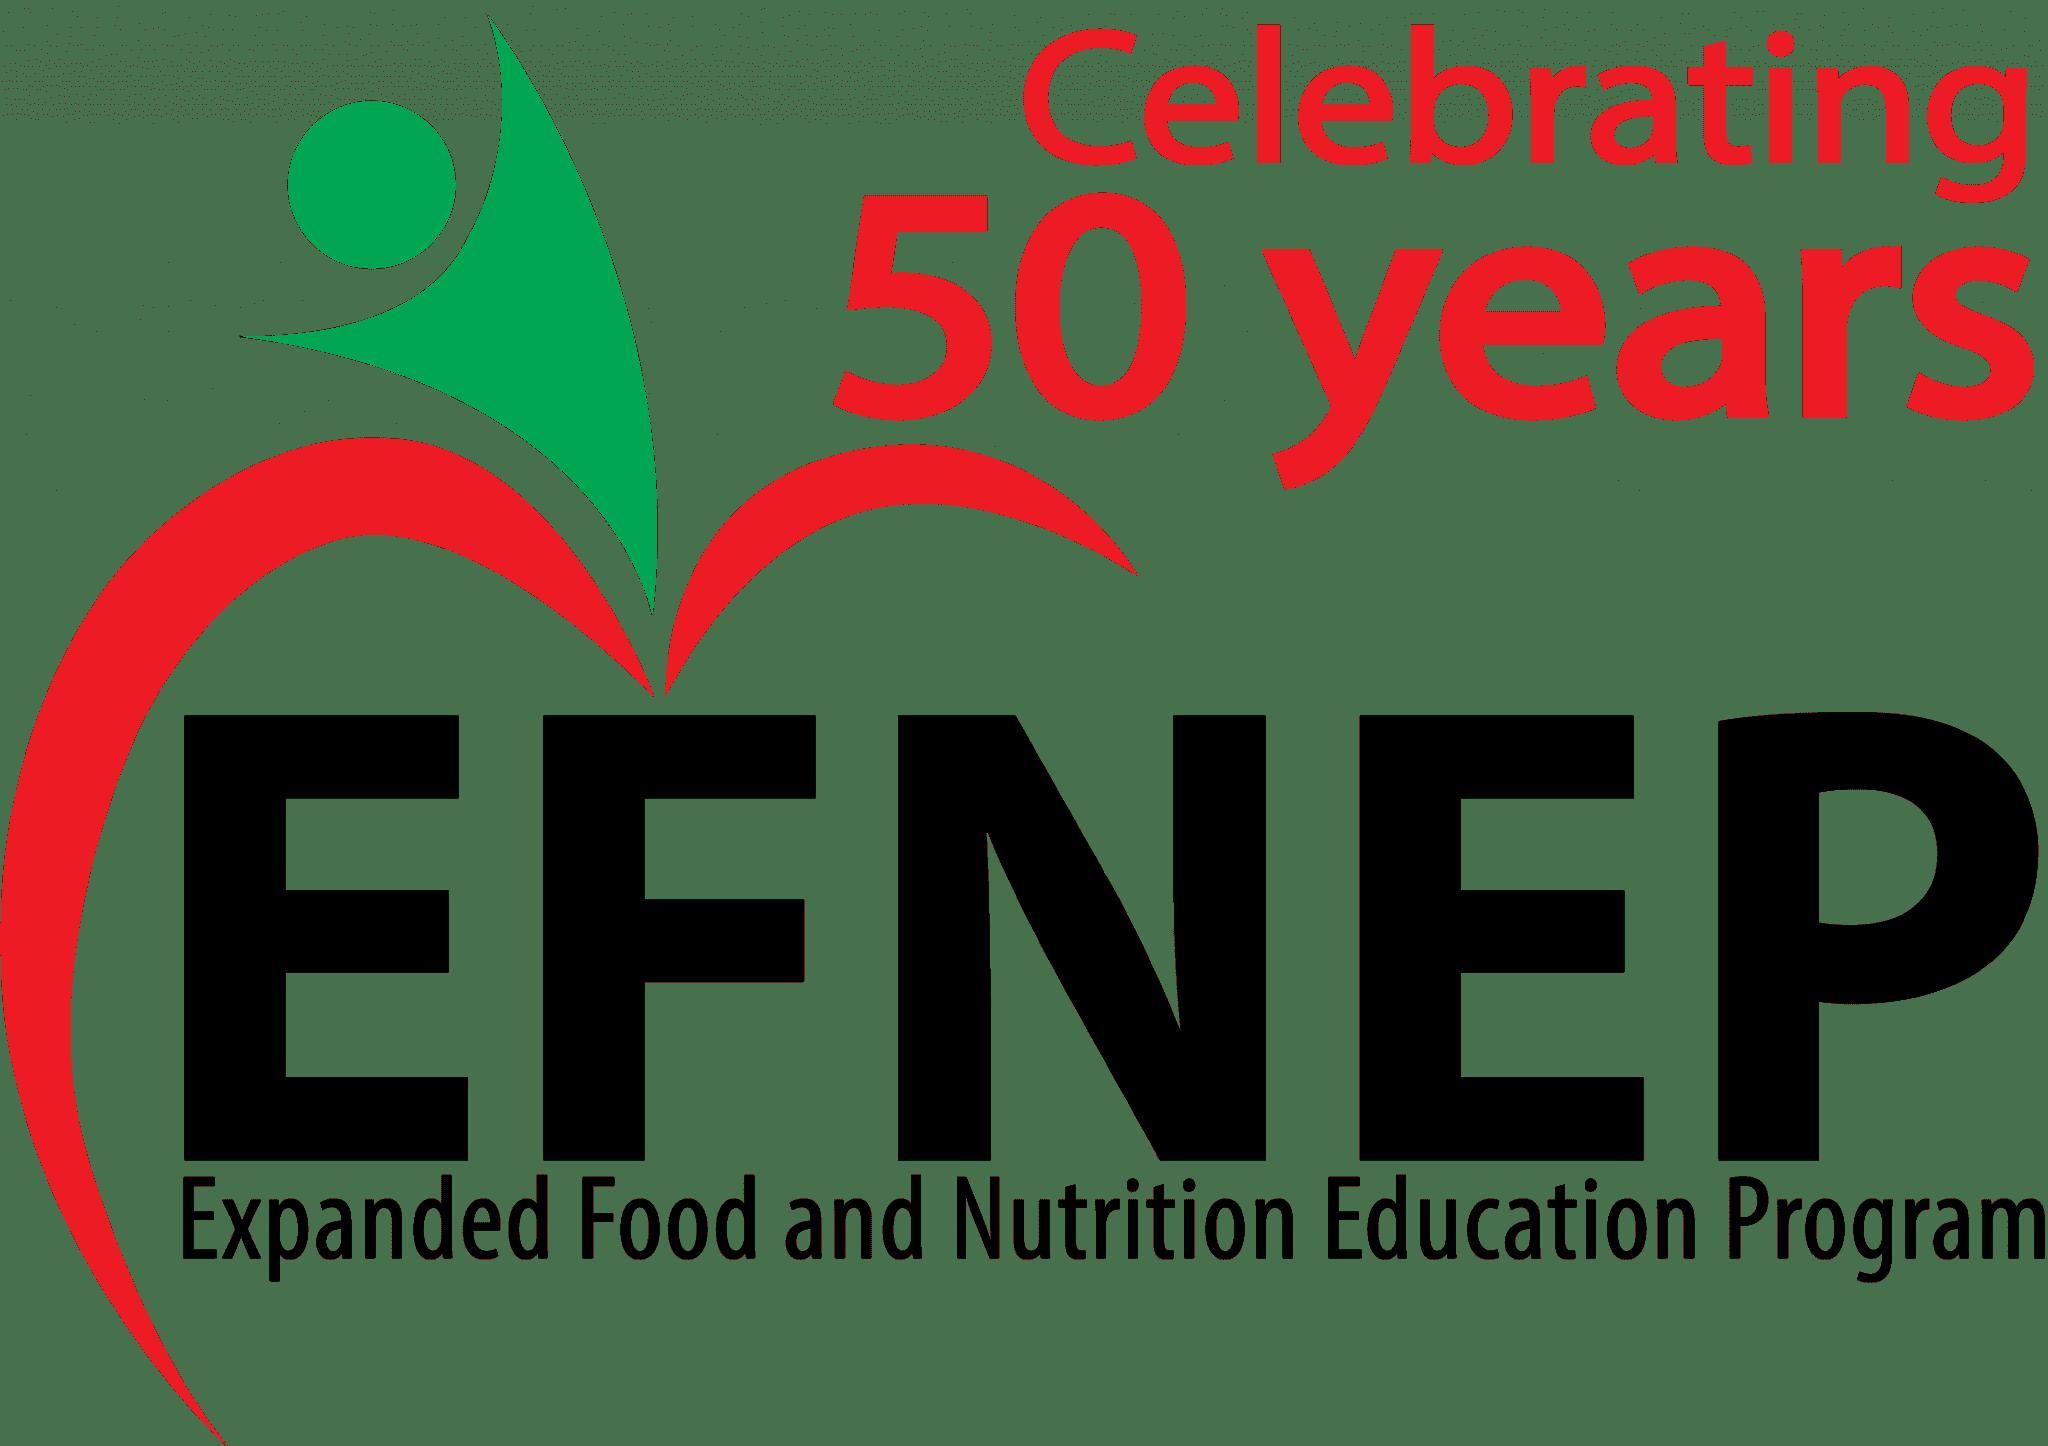 EFNEP 50 years logo